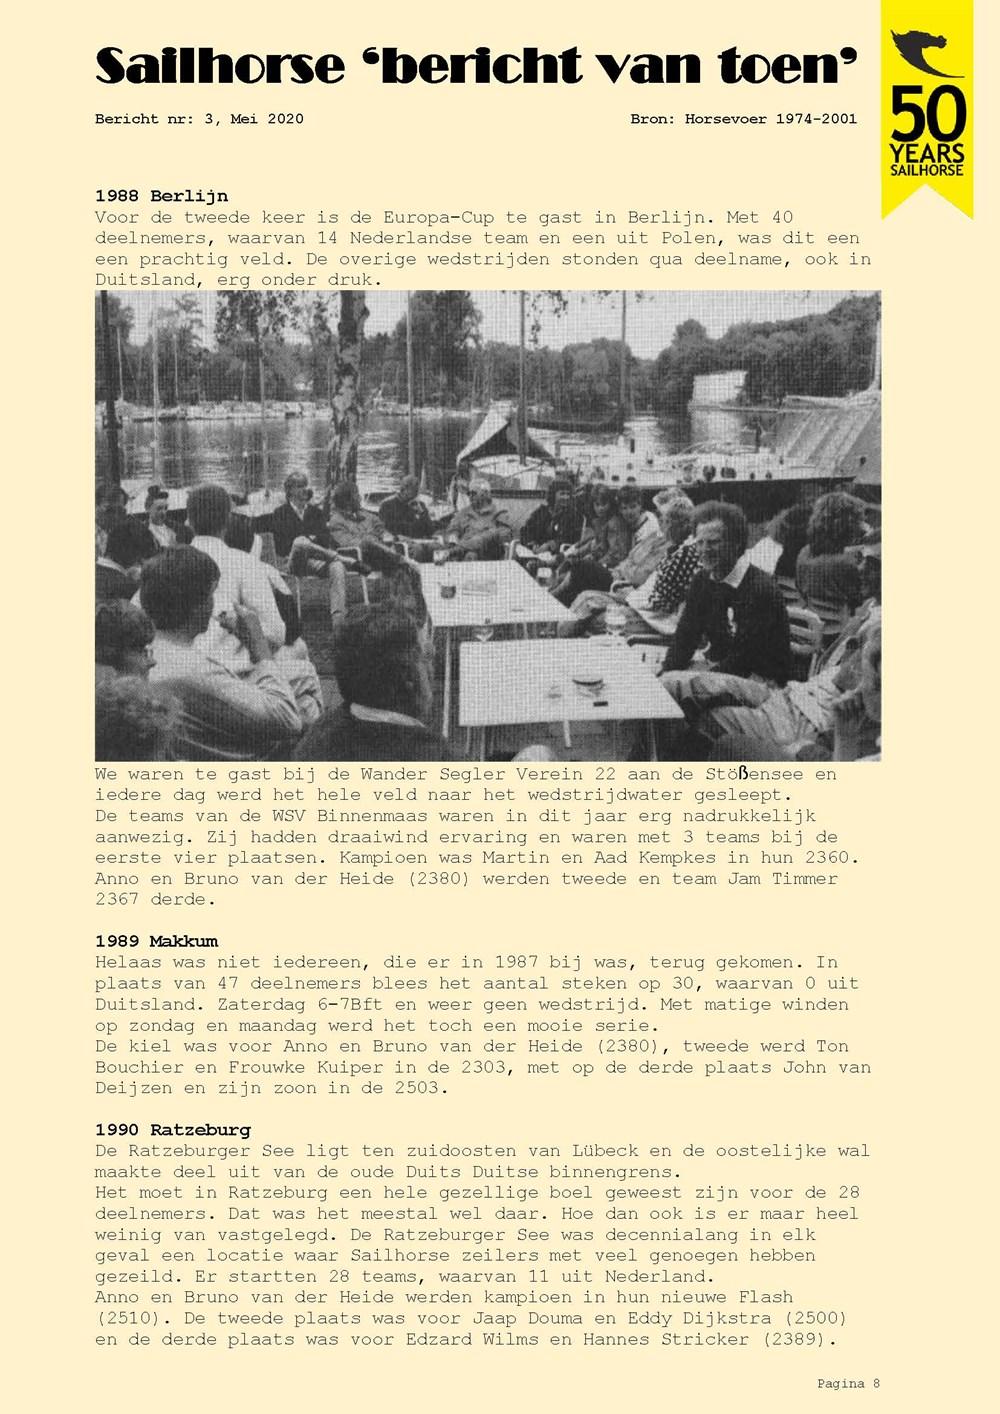 Bericht_van_toen_3_Mei_def_Page_08.jpg